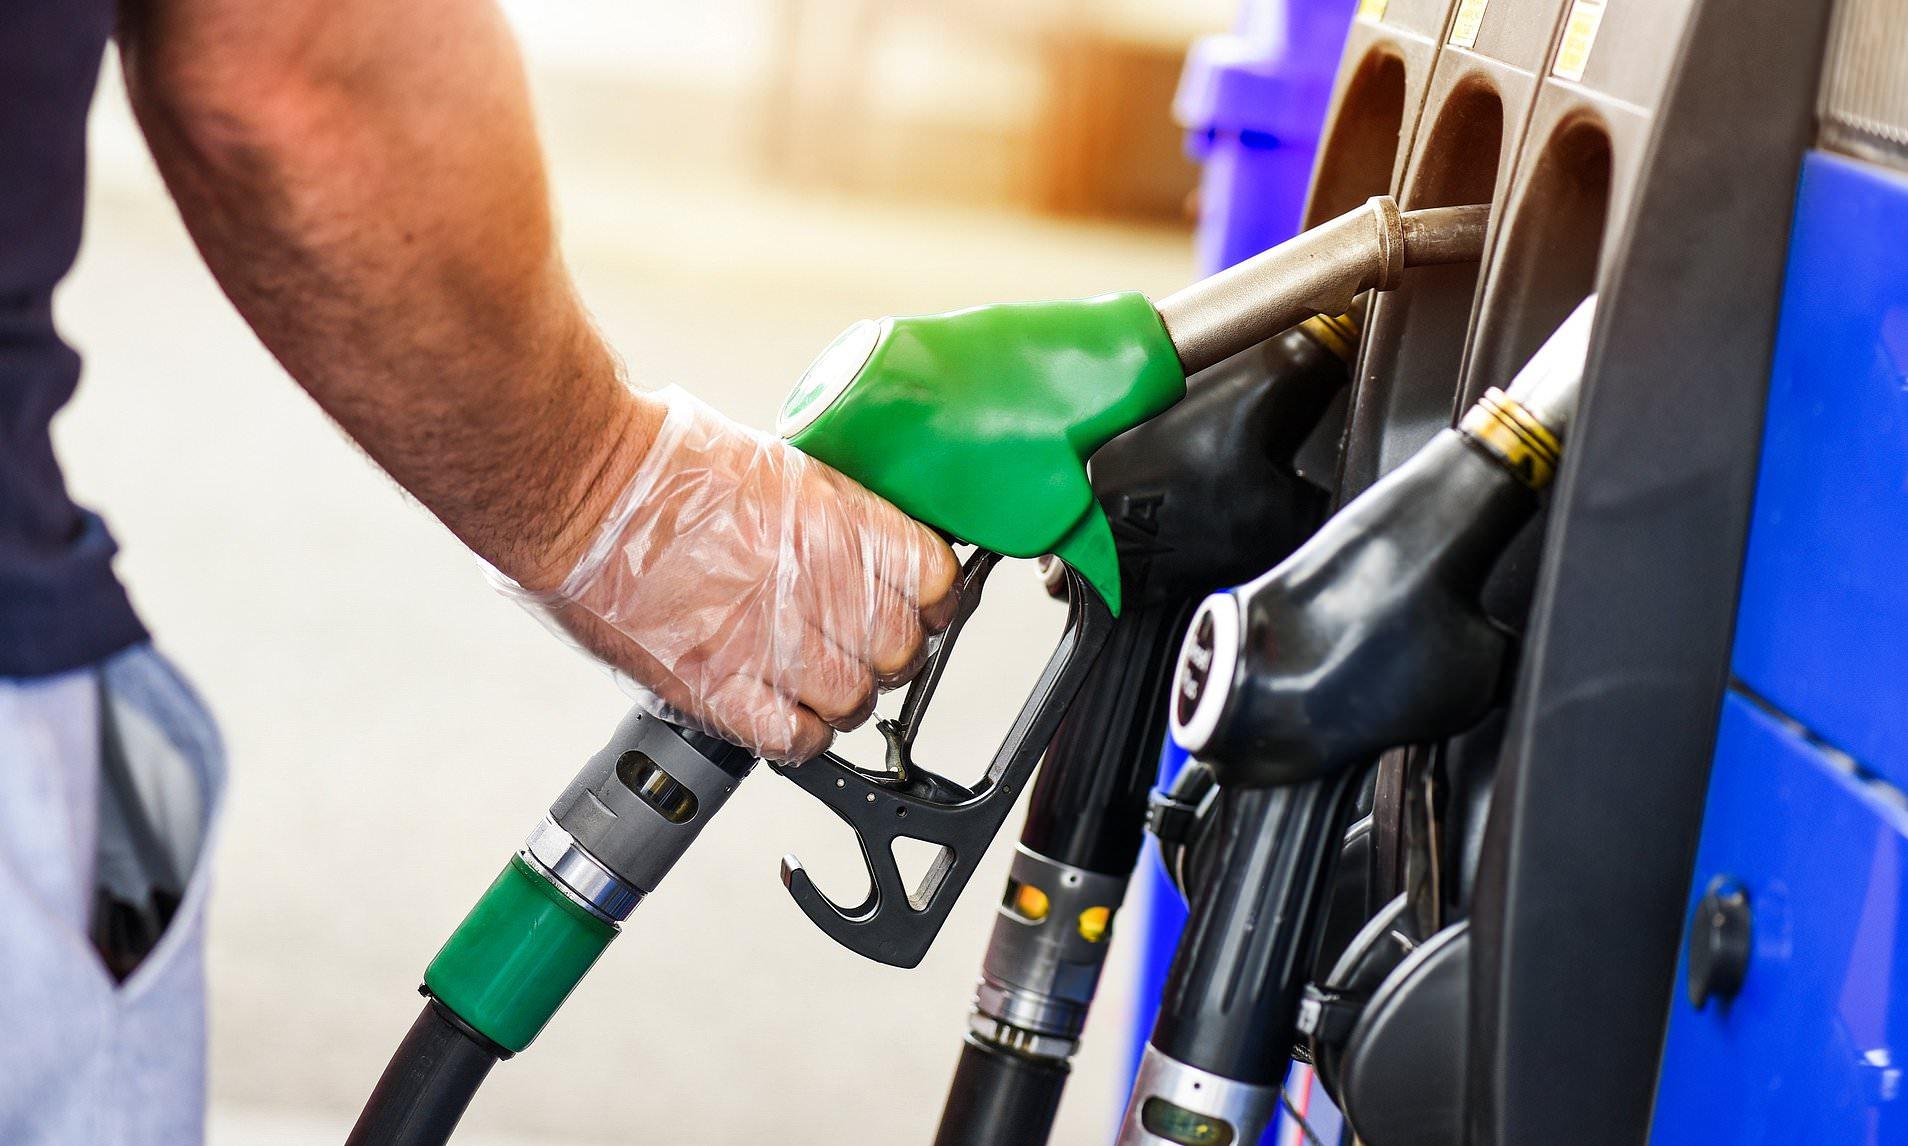 Giá xăng dầu hôm nay 11/8: Tiếp đà tăng hơn 2% của phiên trước